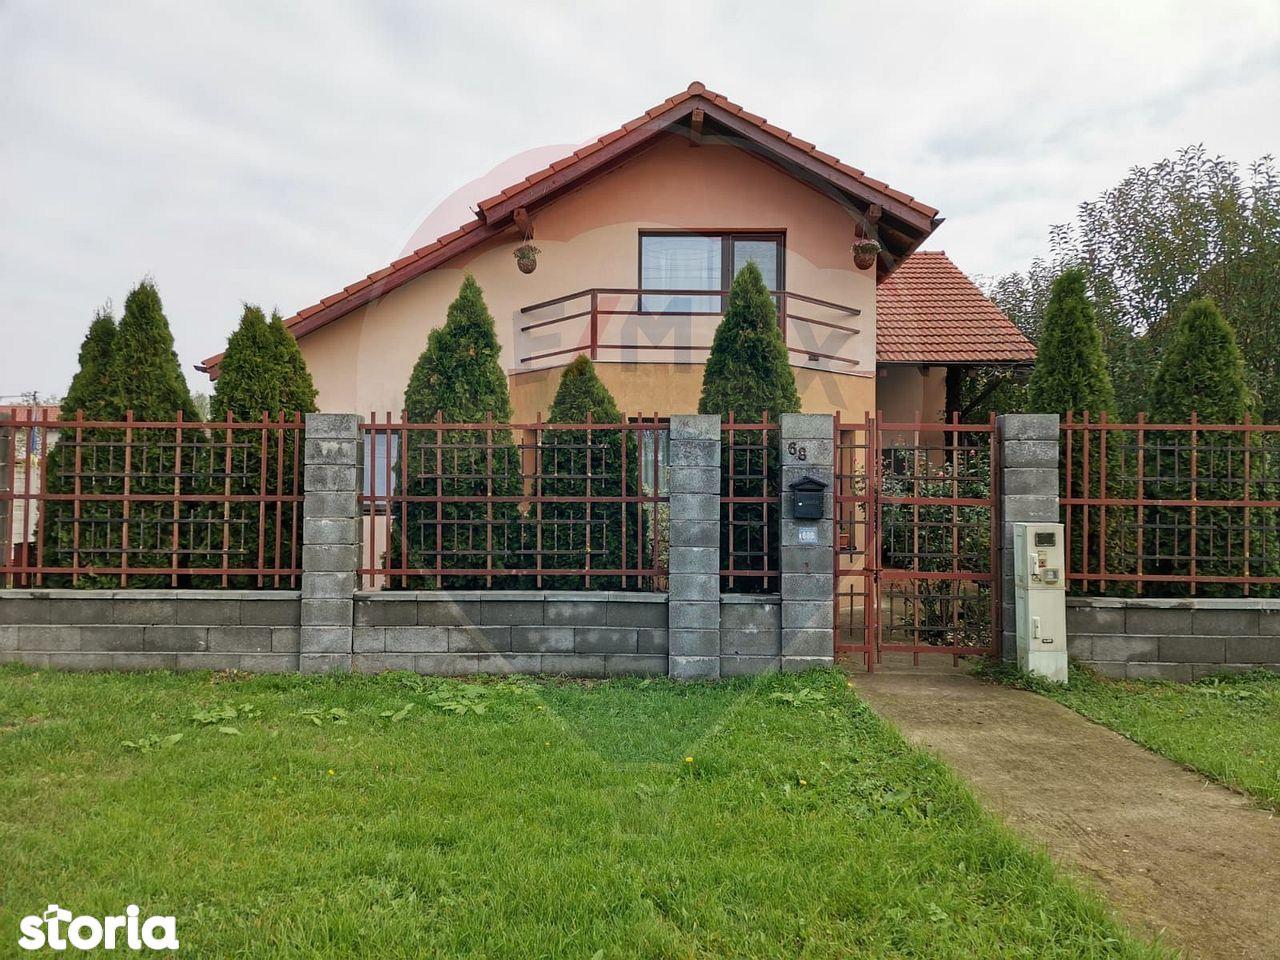 Vila frumoasa, aproape de Timisoara. Comision 0%